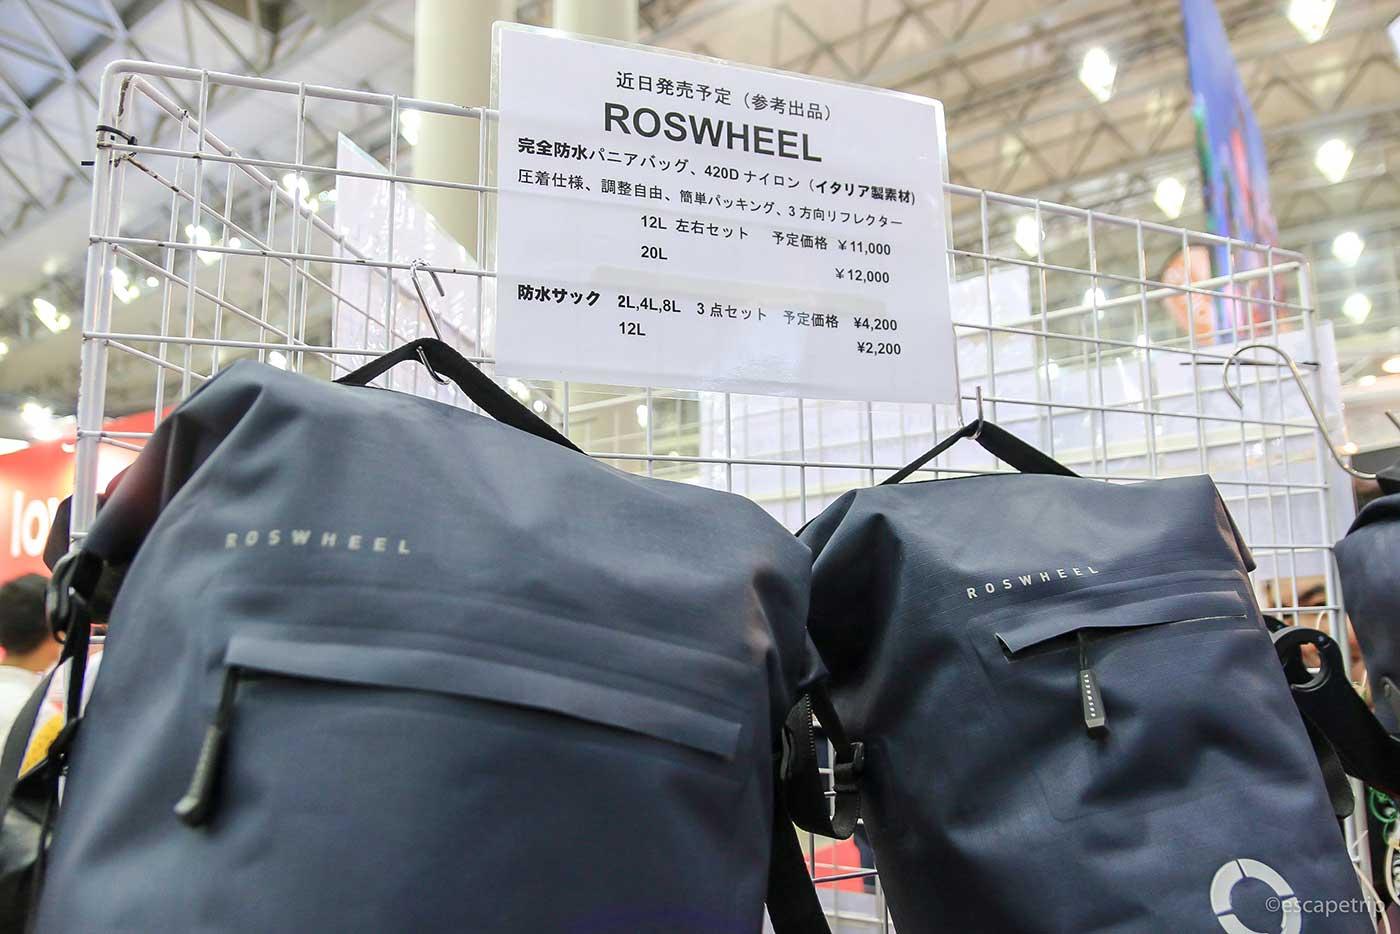 ROSWHEELのパニアバッグ